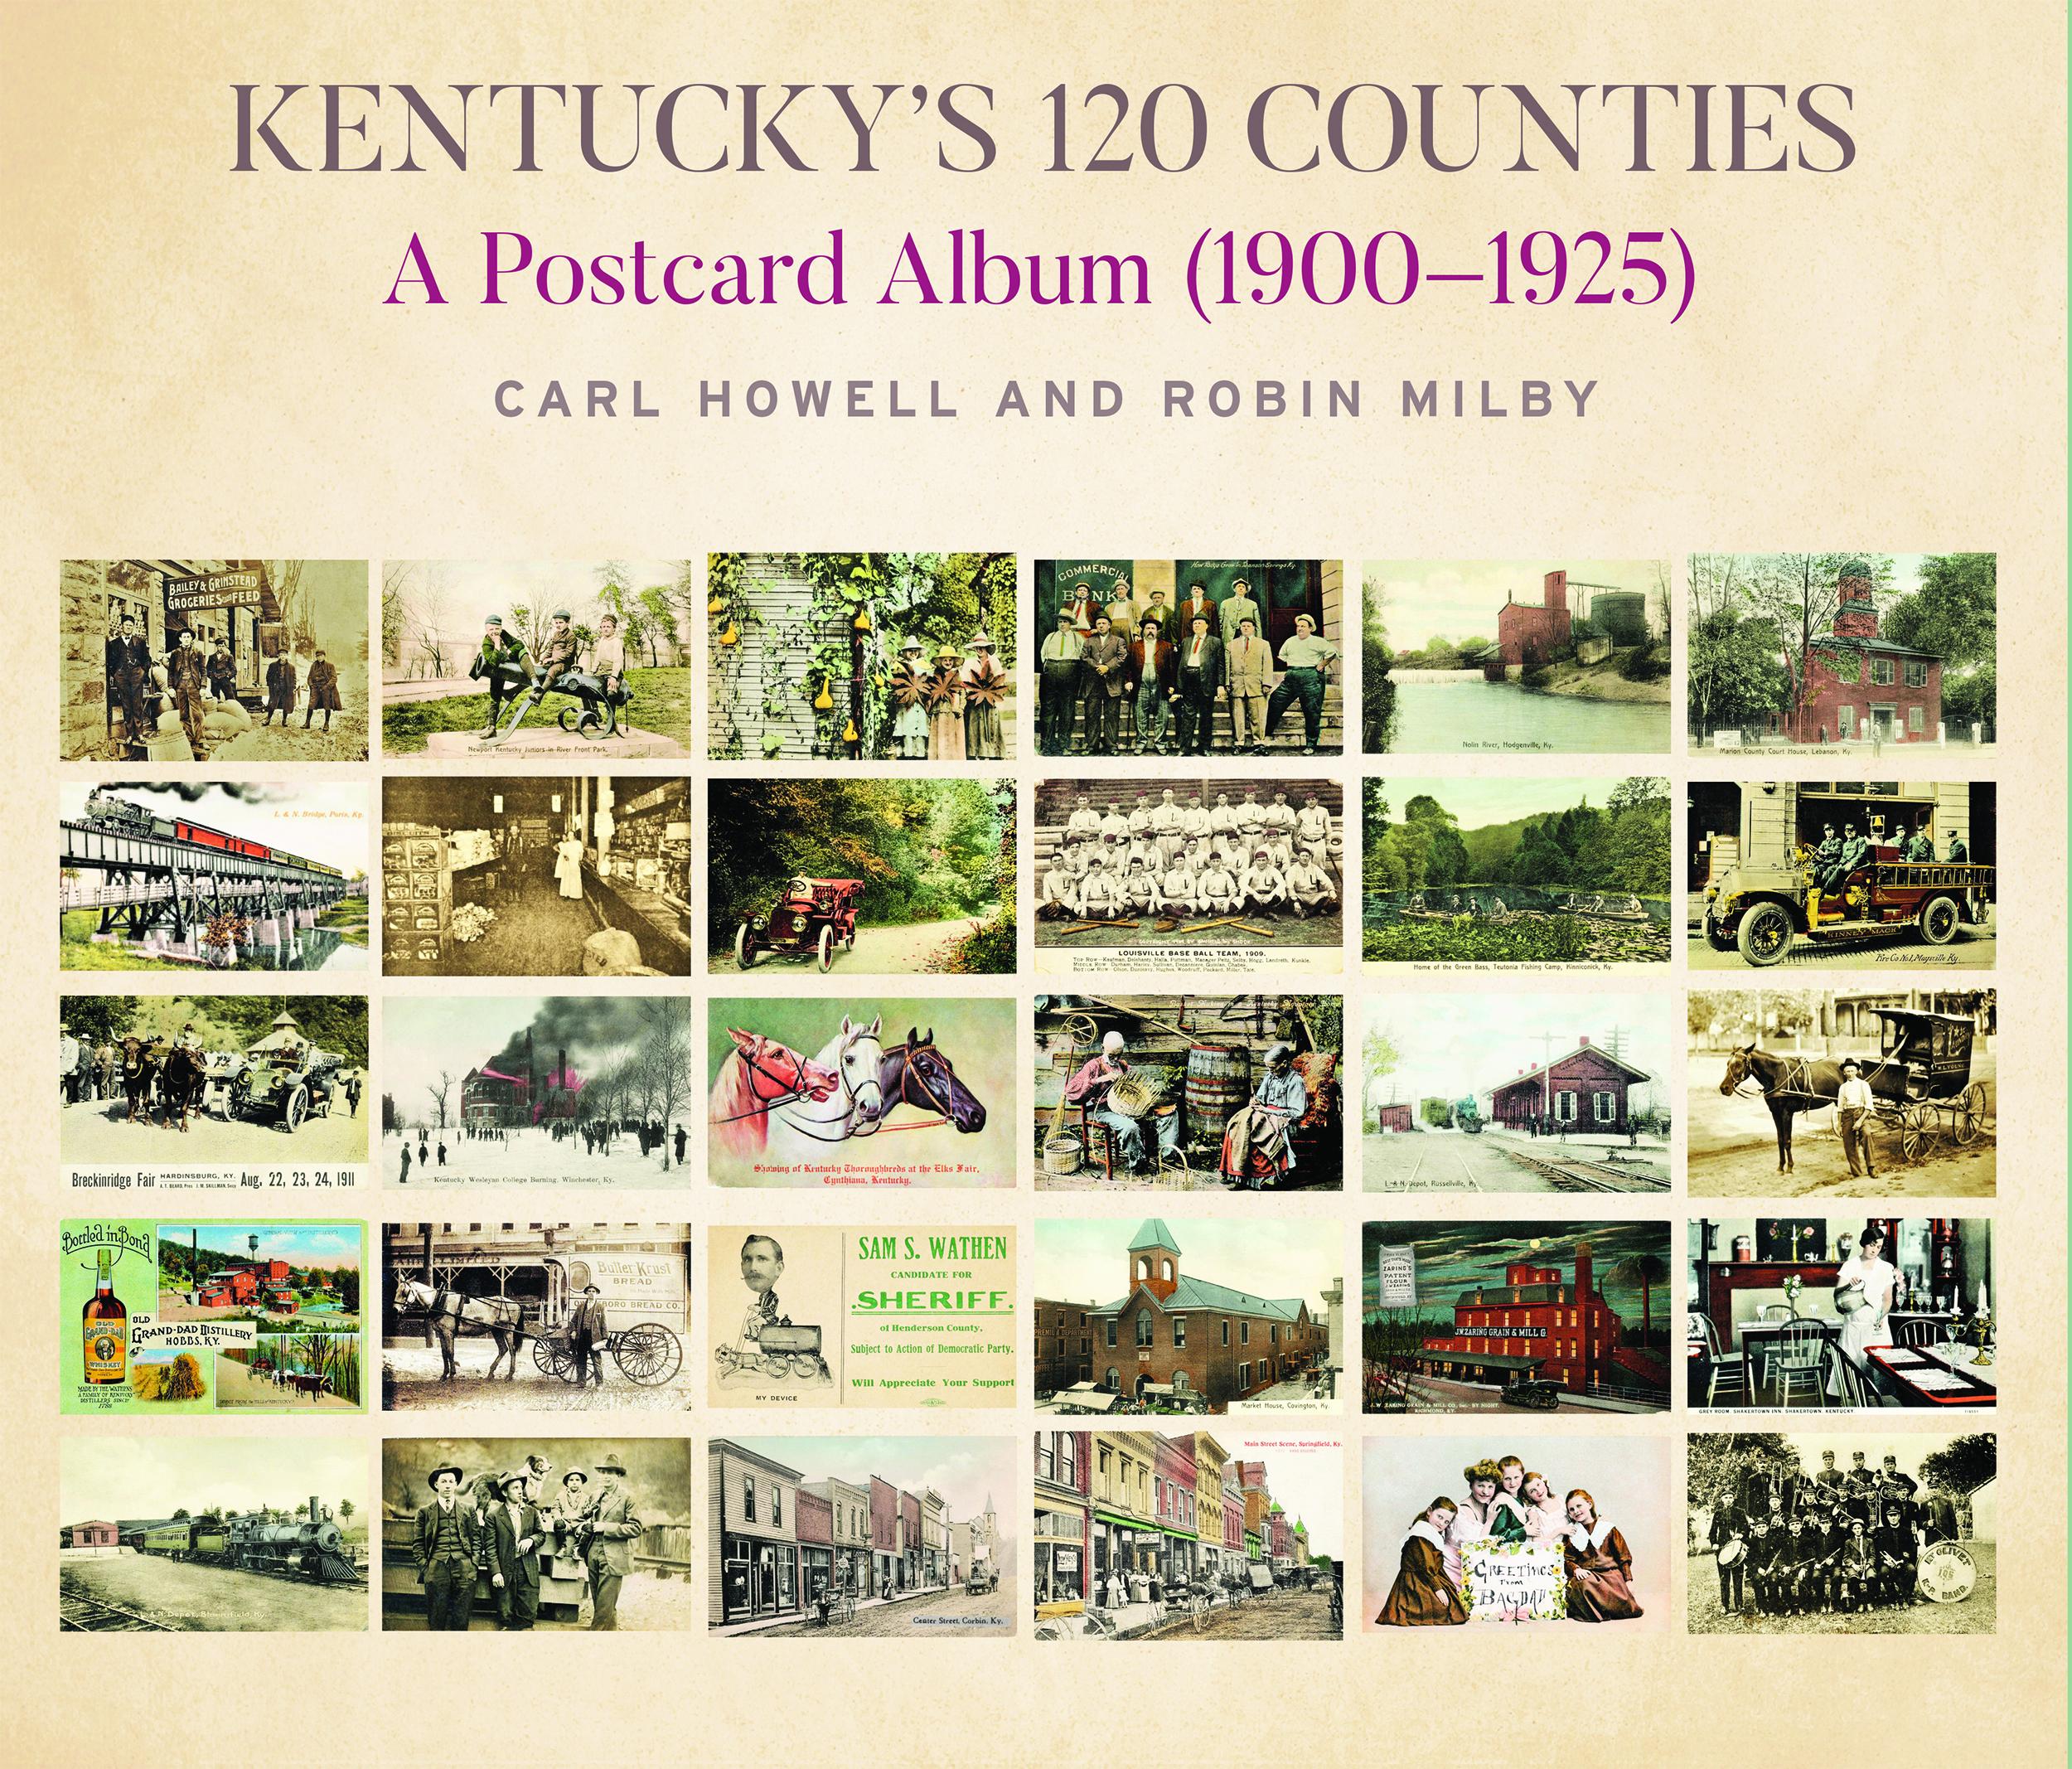 KENTUCKYS 120 COUNTIES